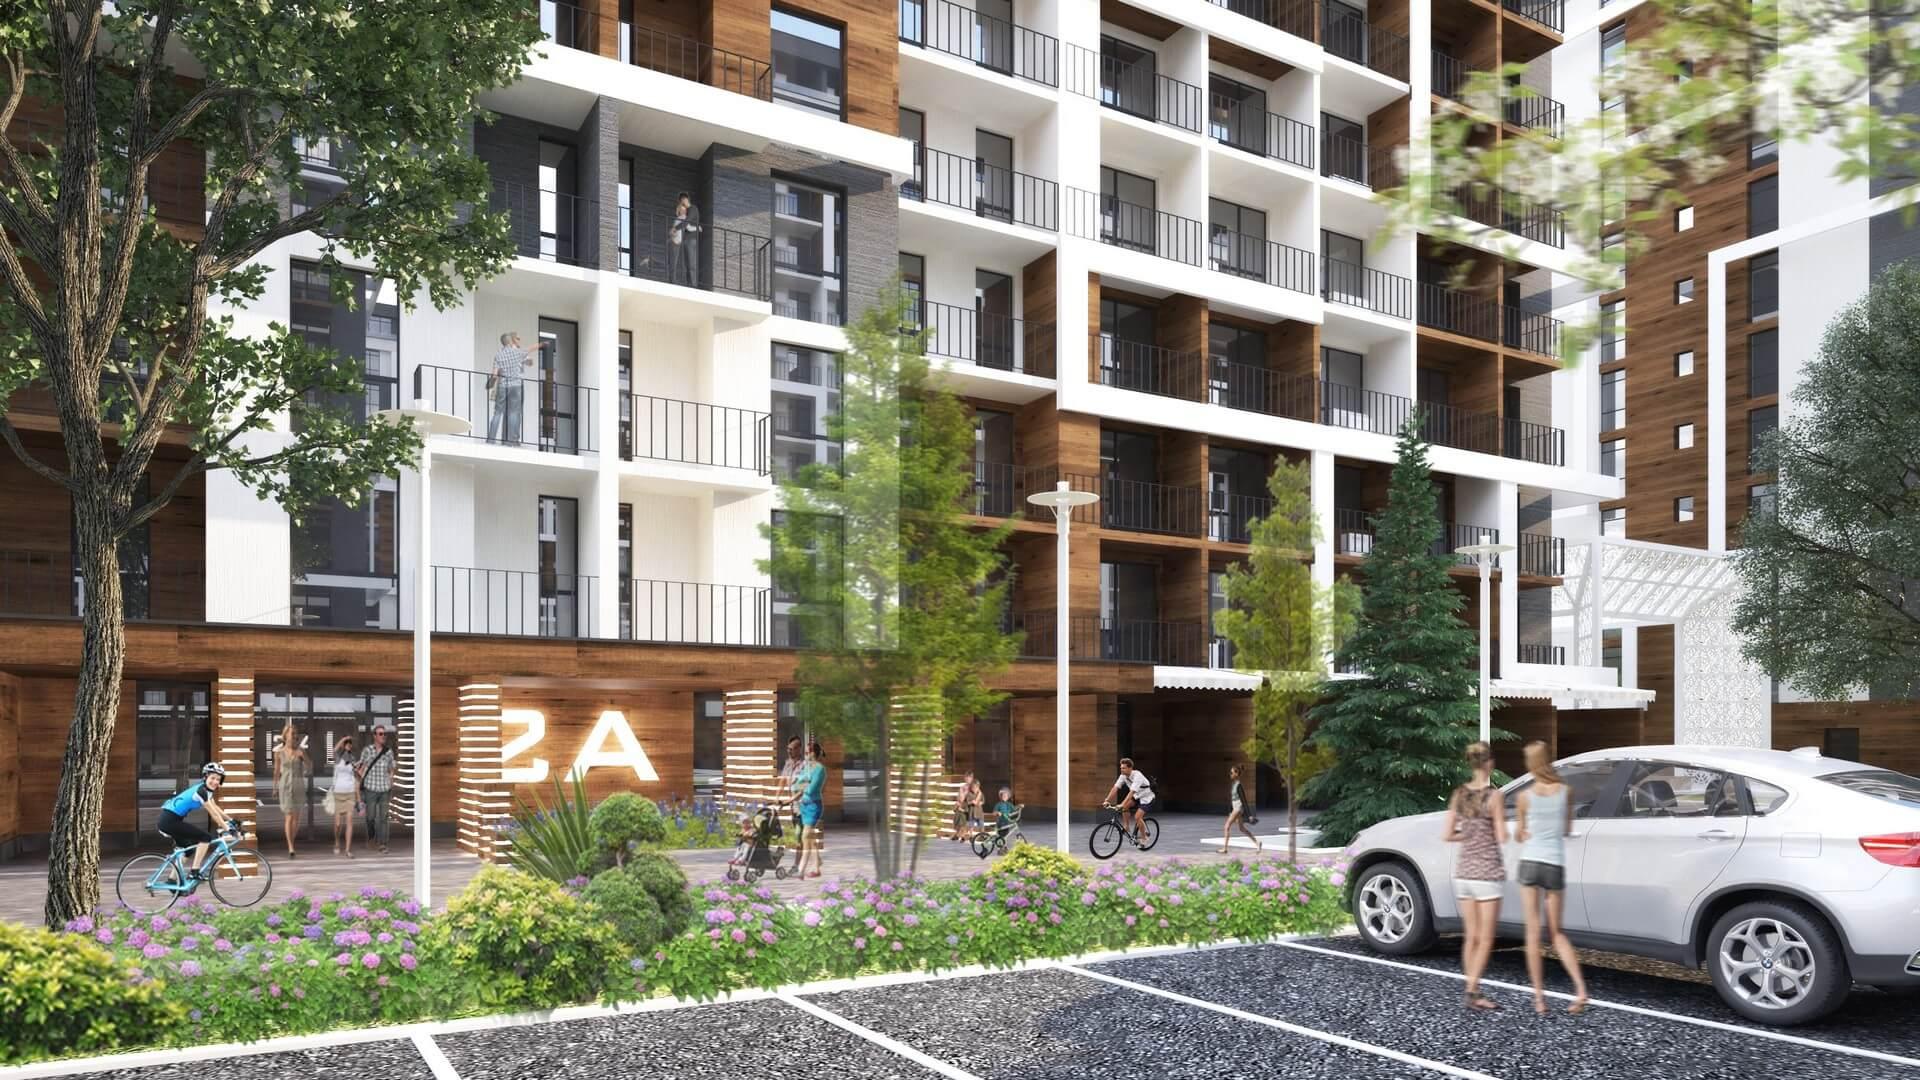 Апартаменты на берегу с самой чистой водой - image Apartamenty-na-beregu-s-samoj-chistoj-vodoj on http://bizneskvartal.ru